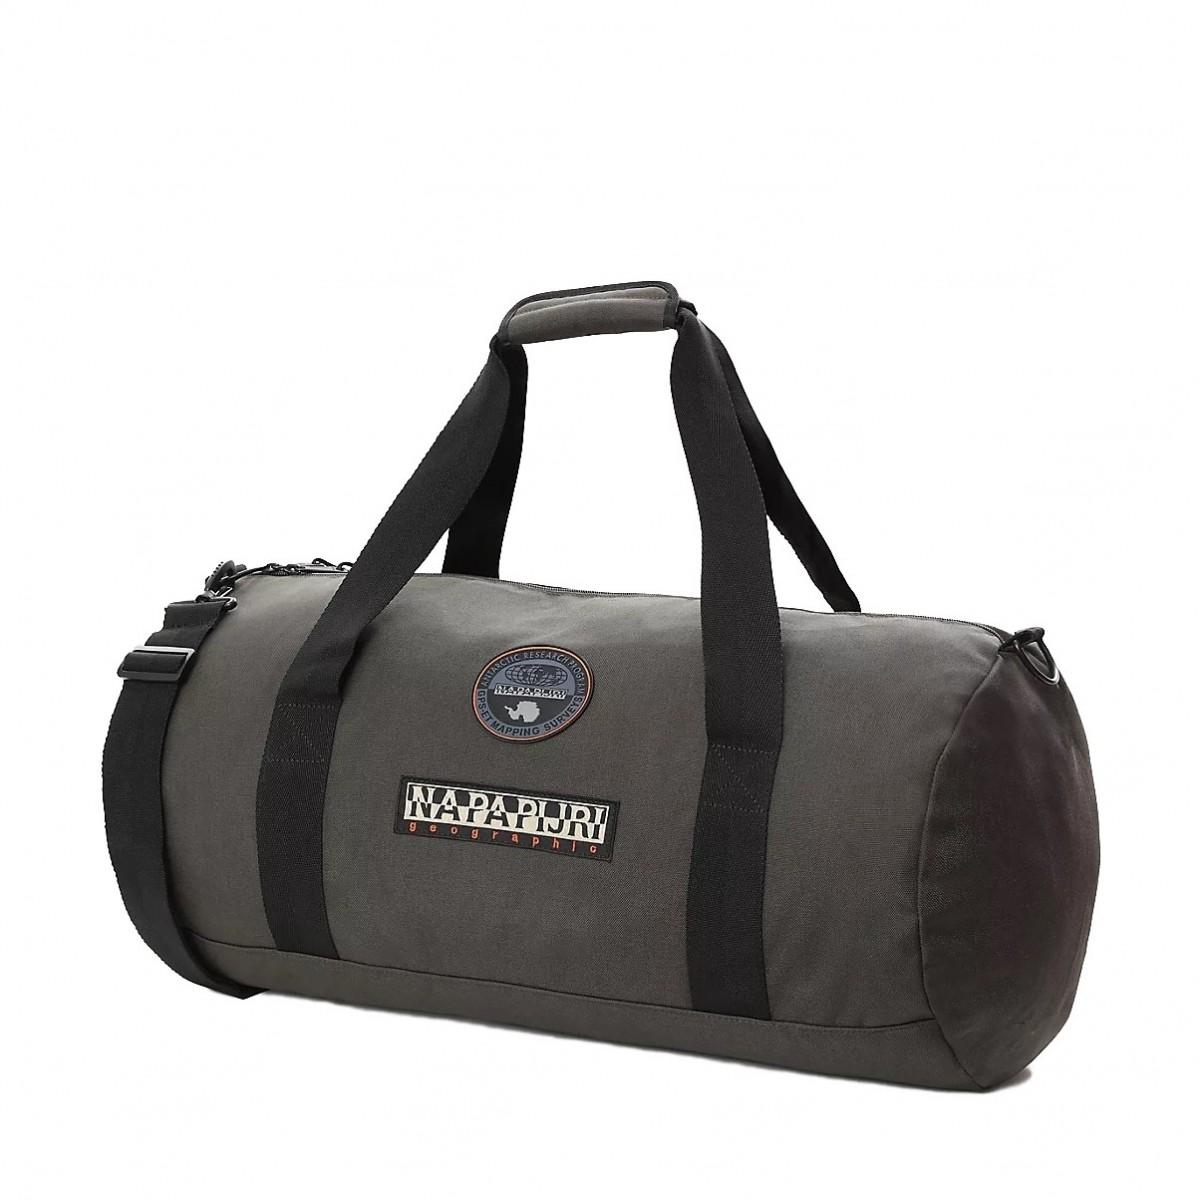 Napapijri Duffle-Bag Hoyage